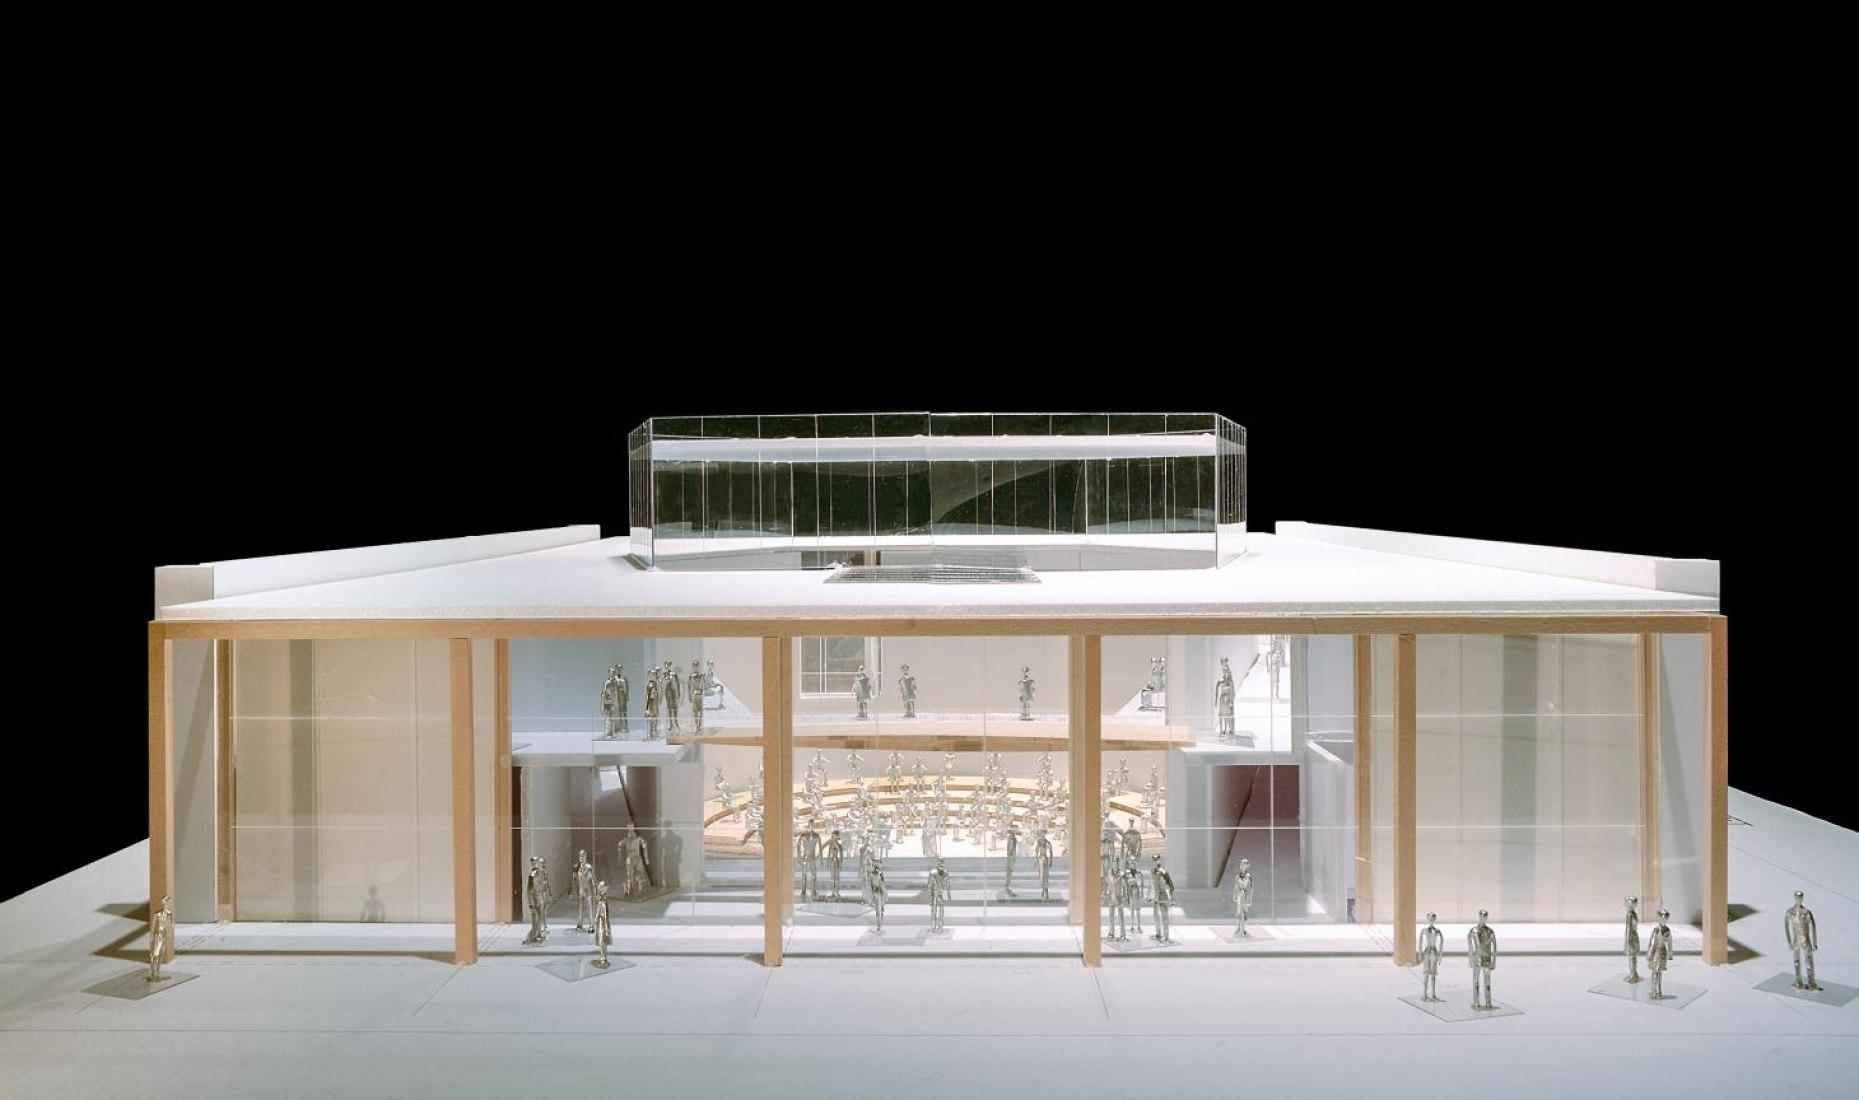 Vista exterior de la maqueta del Centro Judith and Thomas L. Beckmen YOLA en Inglewood. Fotografía cortesía de Gehry Partners, LLP